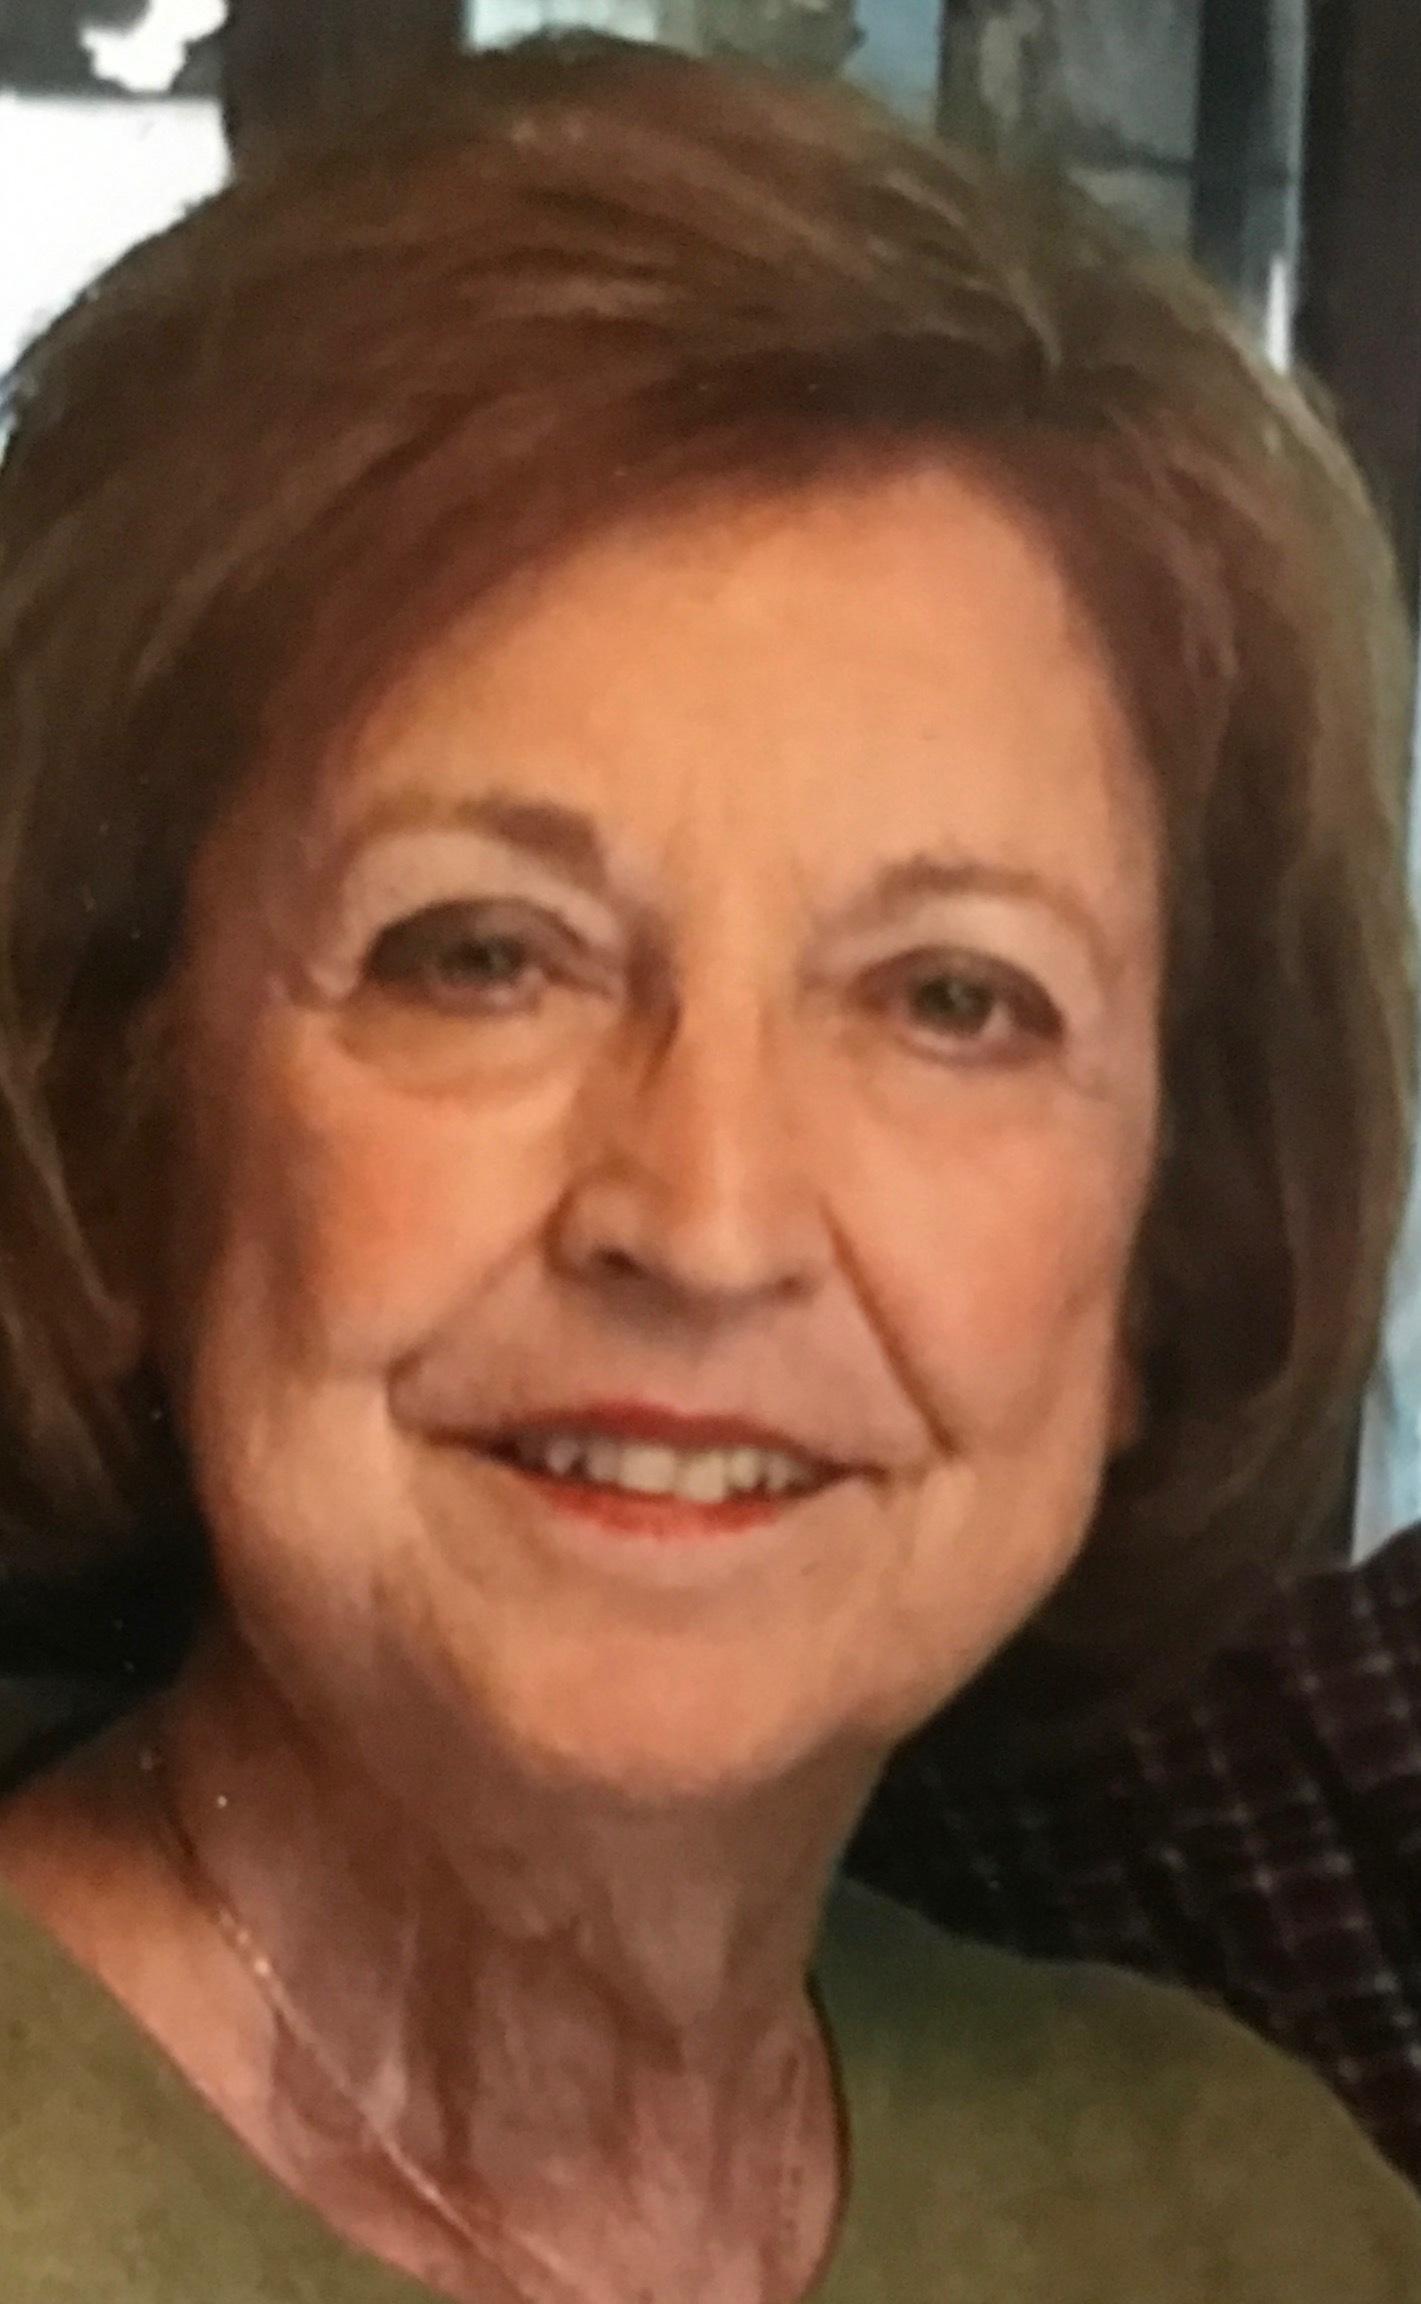 Roselle M. Karpovage